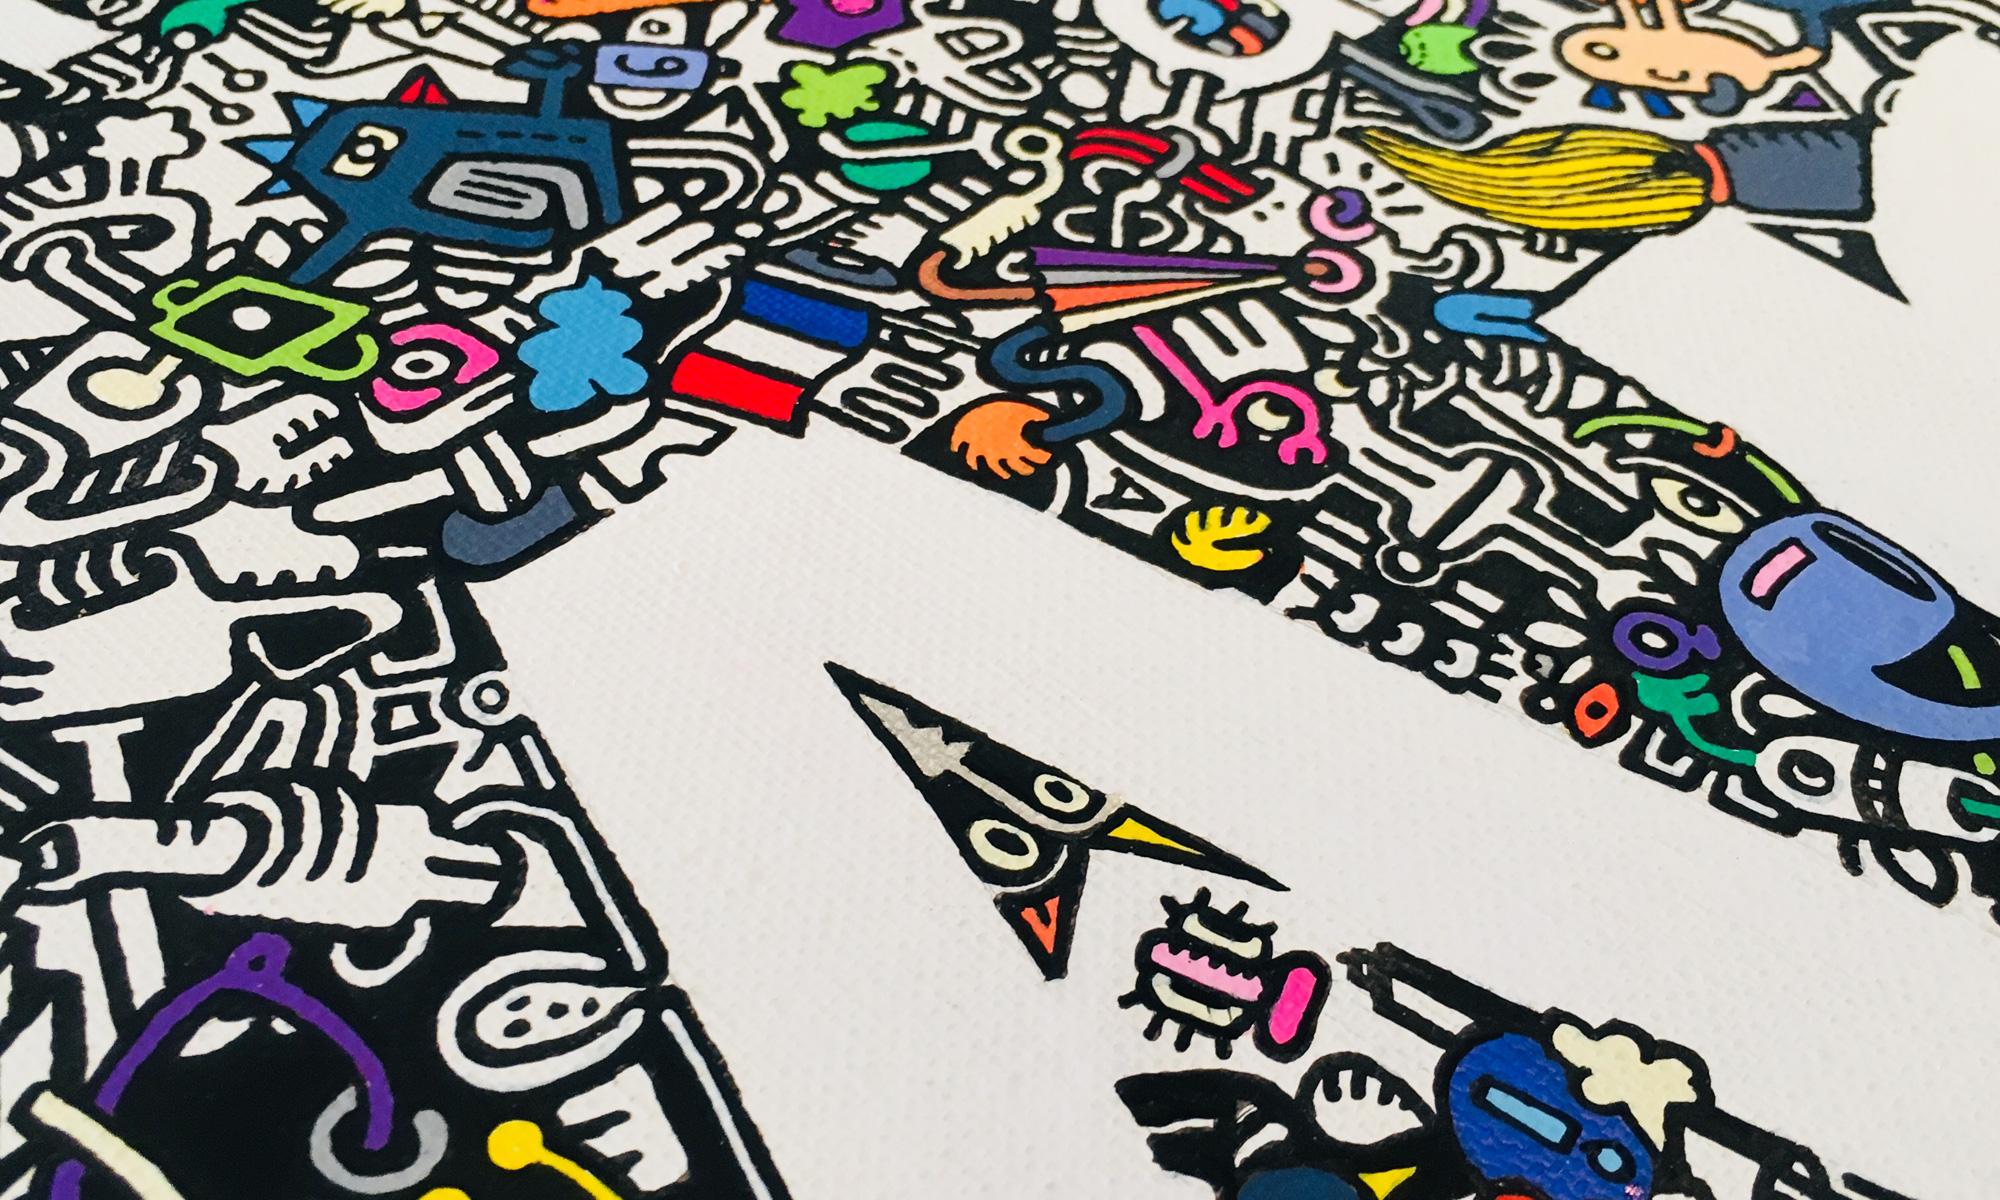 Achetez de l'Art vu par PMH doodle (détail)